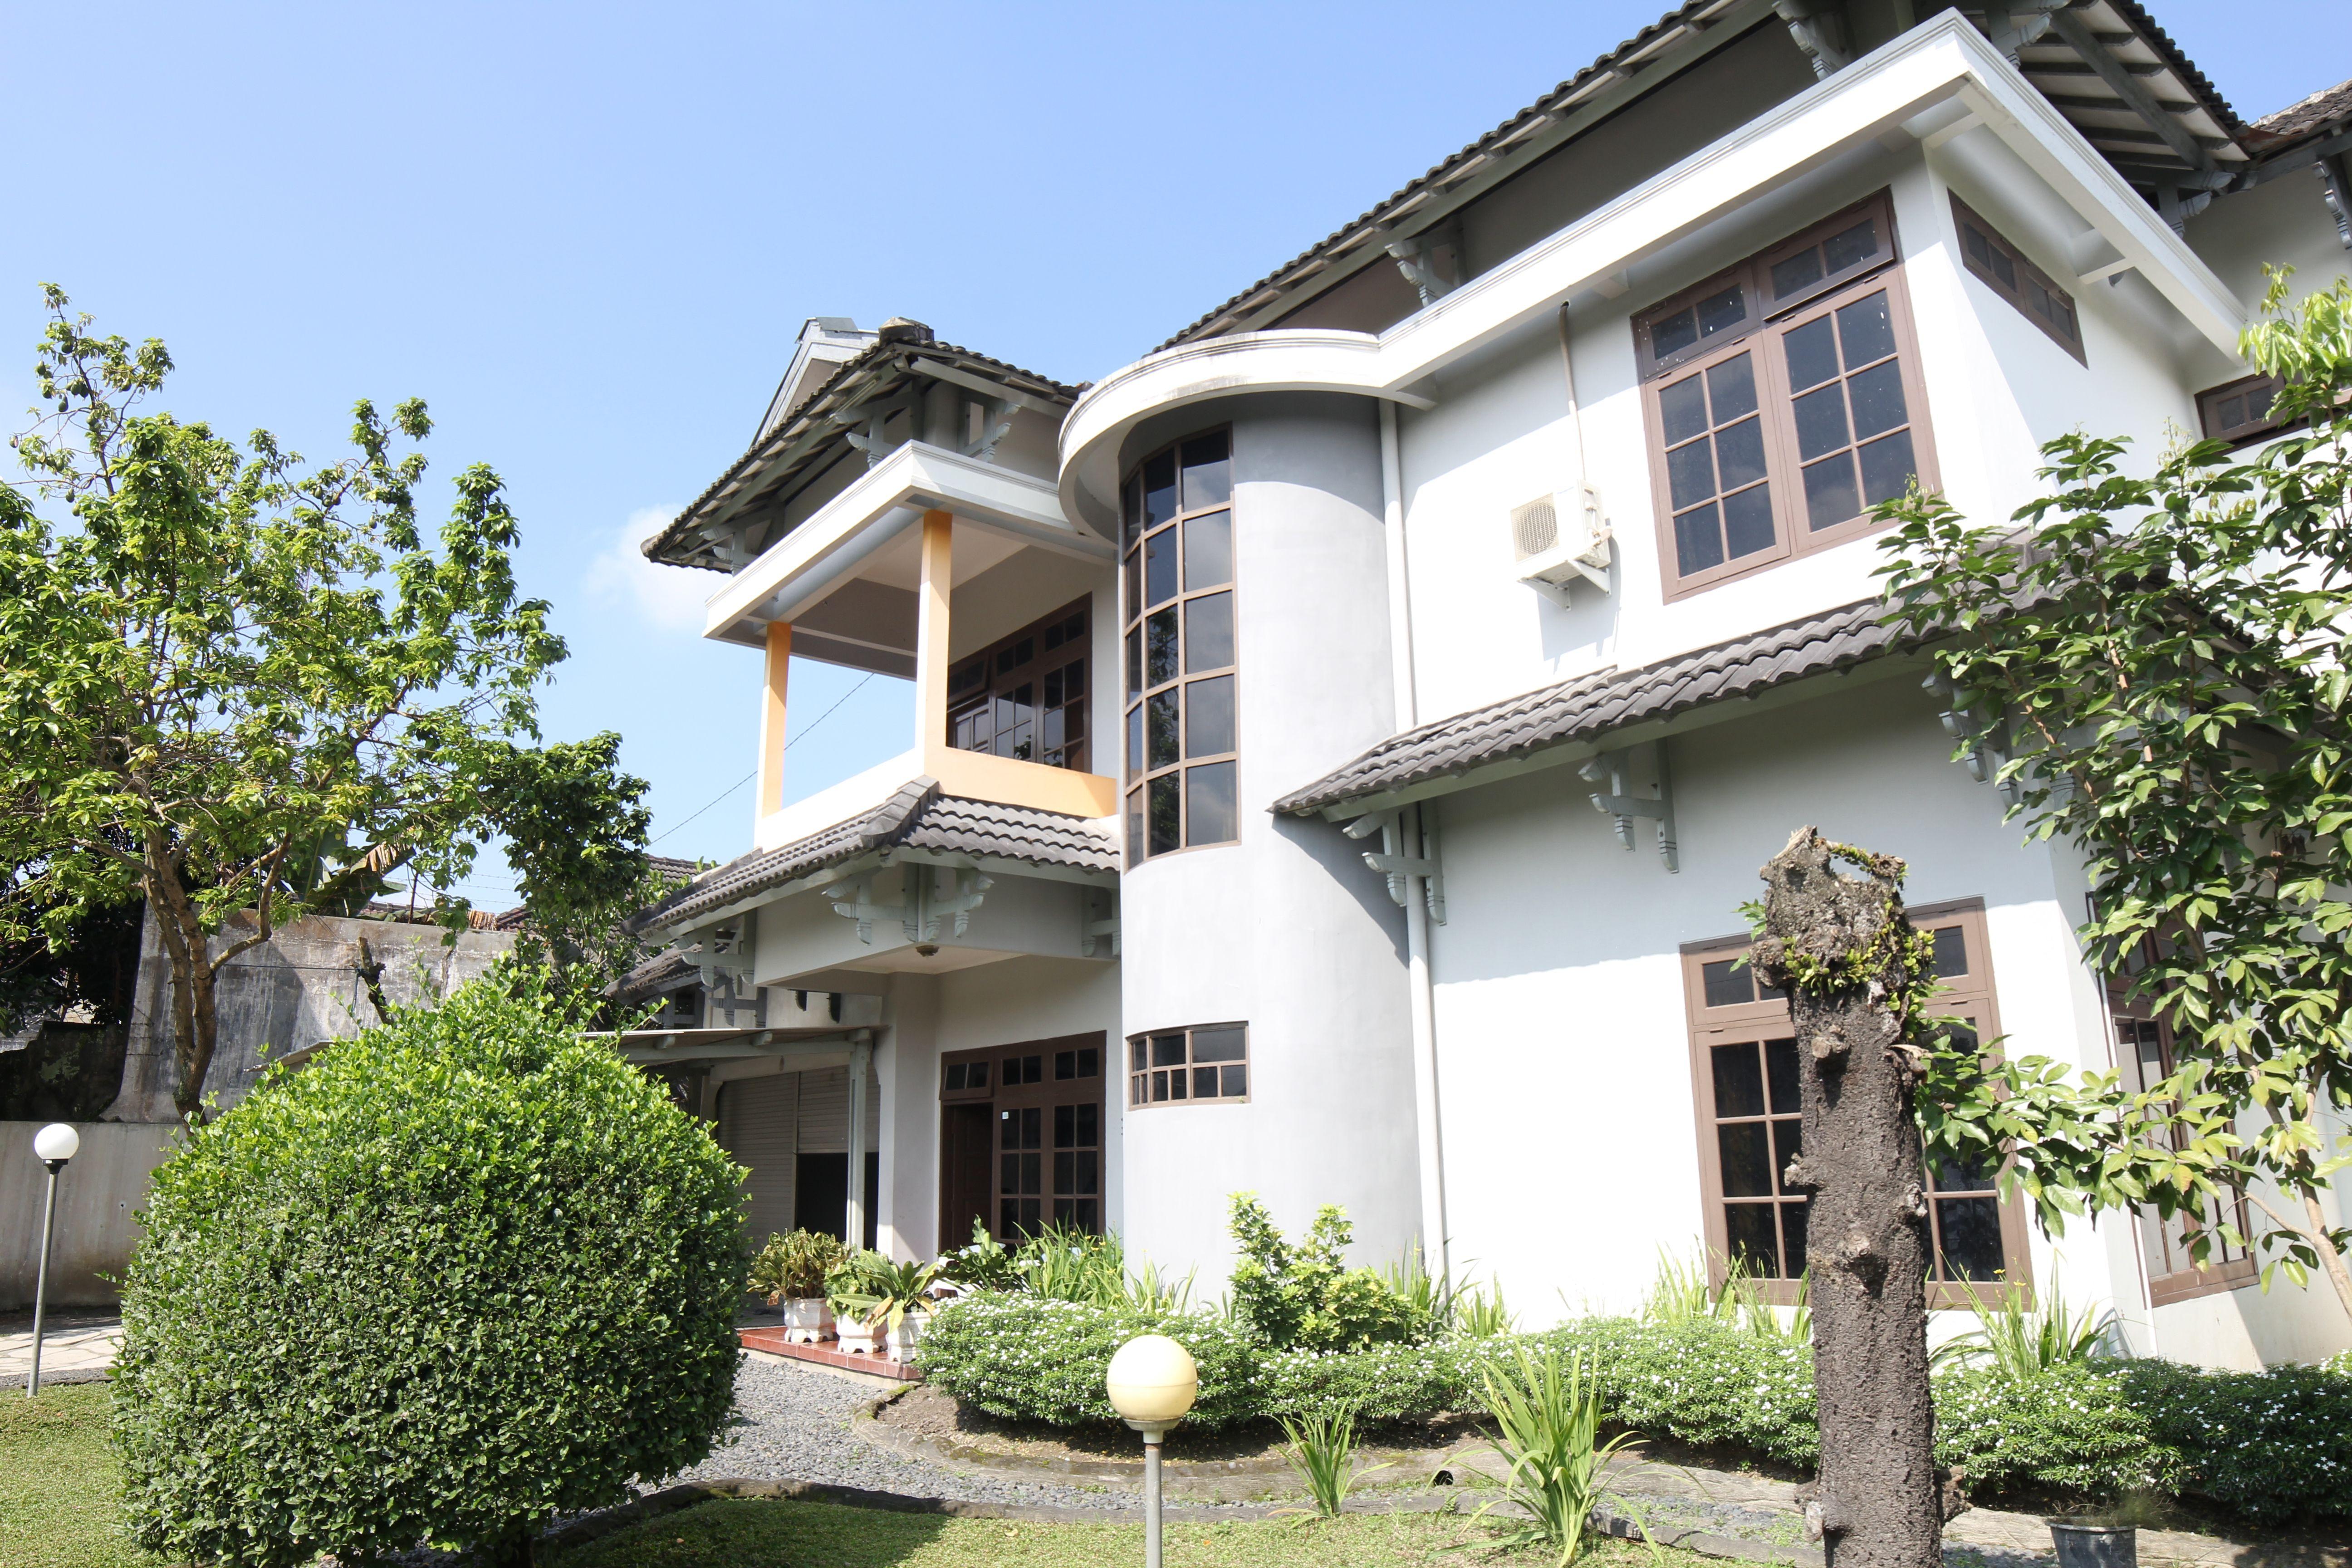 Athaya Homestay Yogyakarta, Sleman